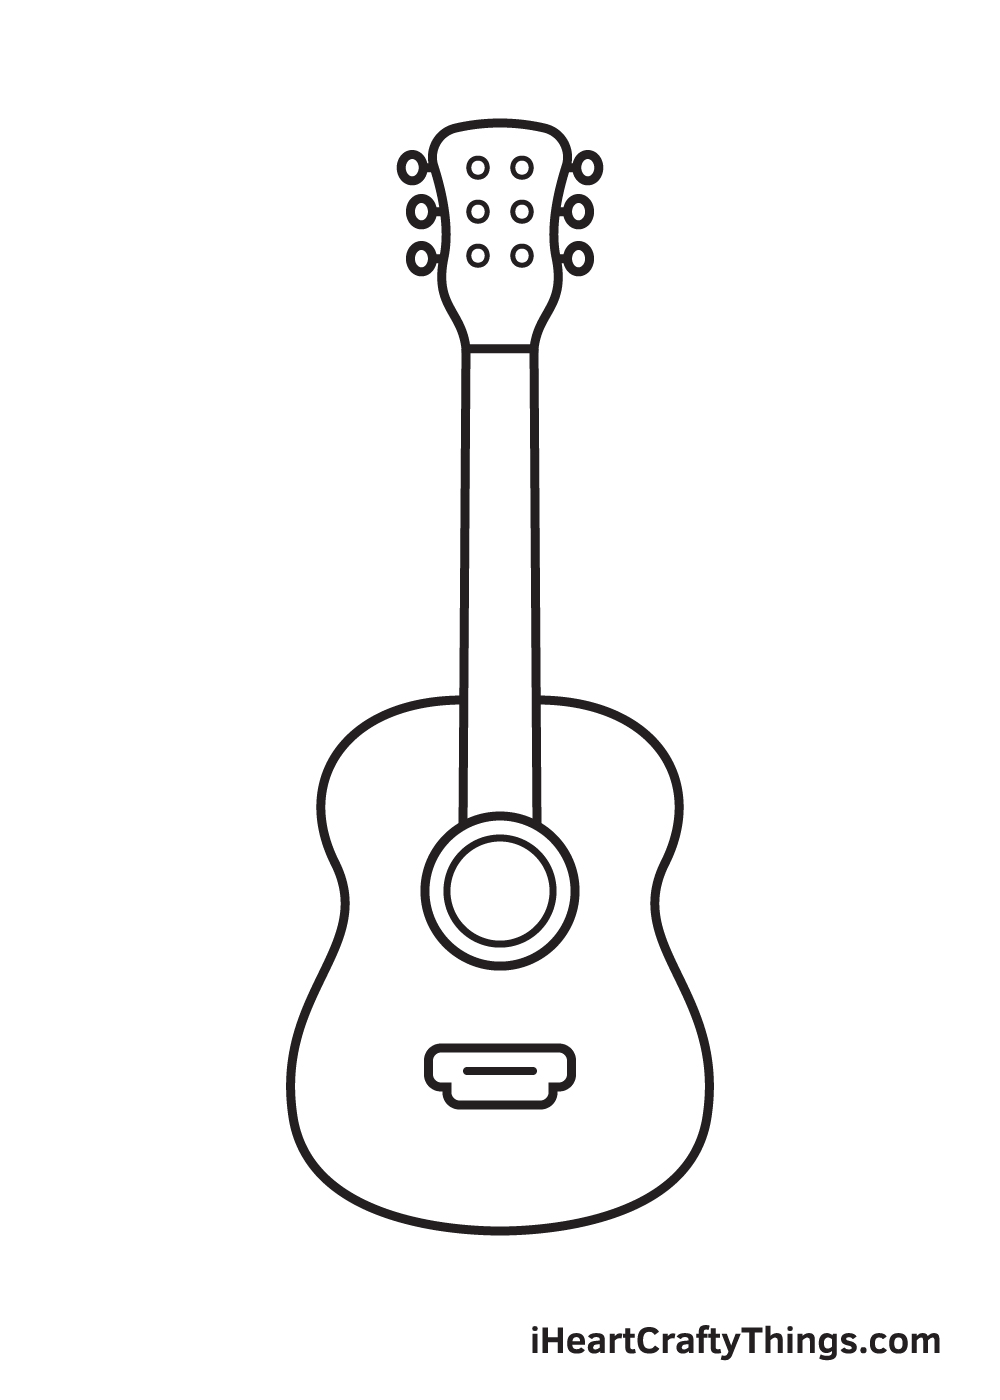 Vẽ đàn guitar - Bước 8